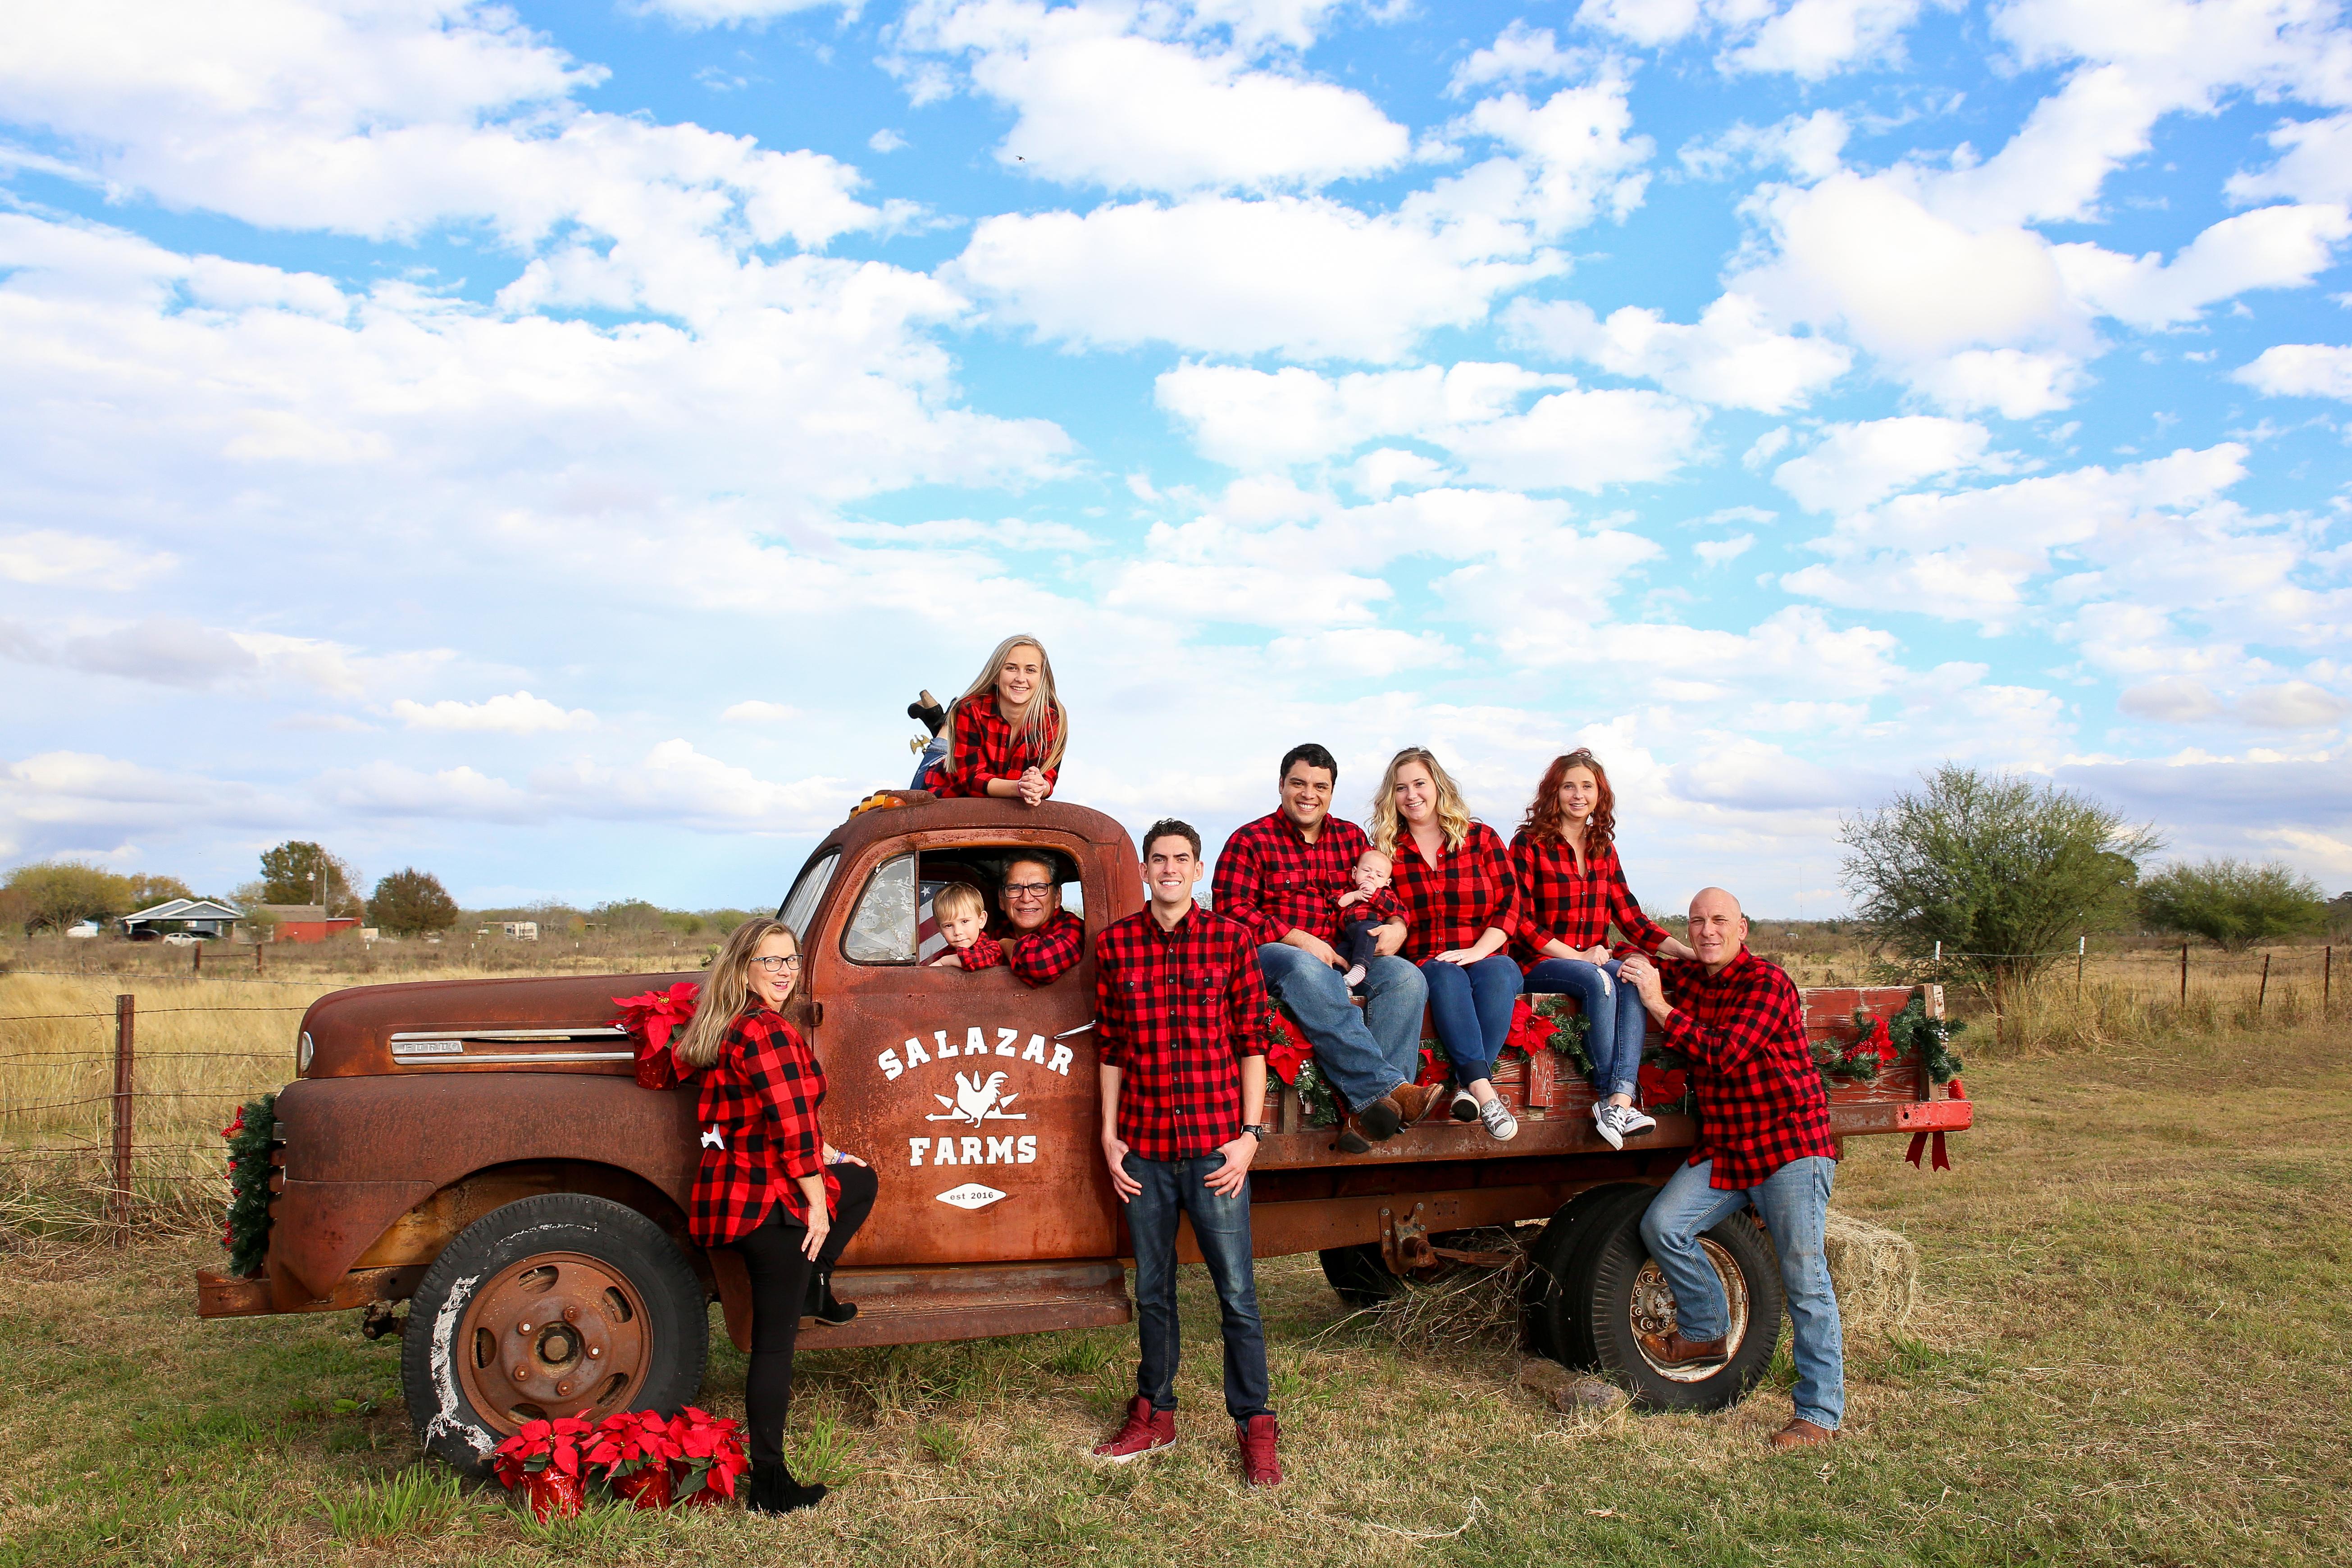 Family | Family Farm